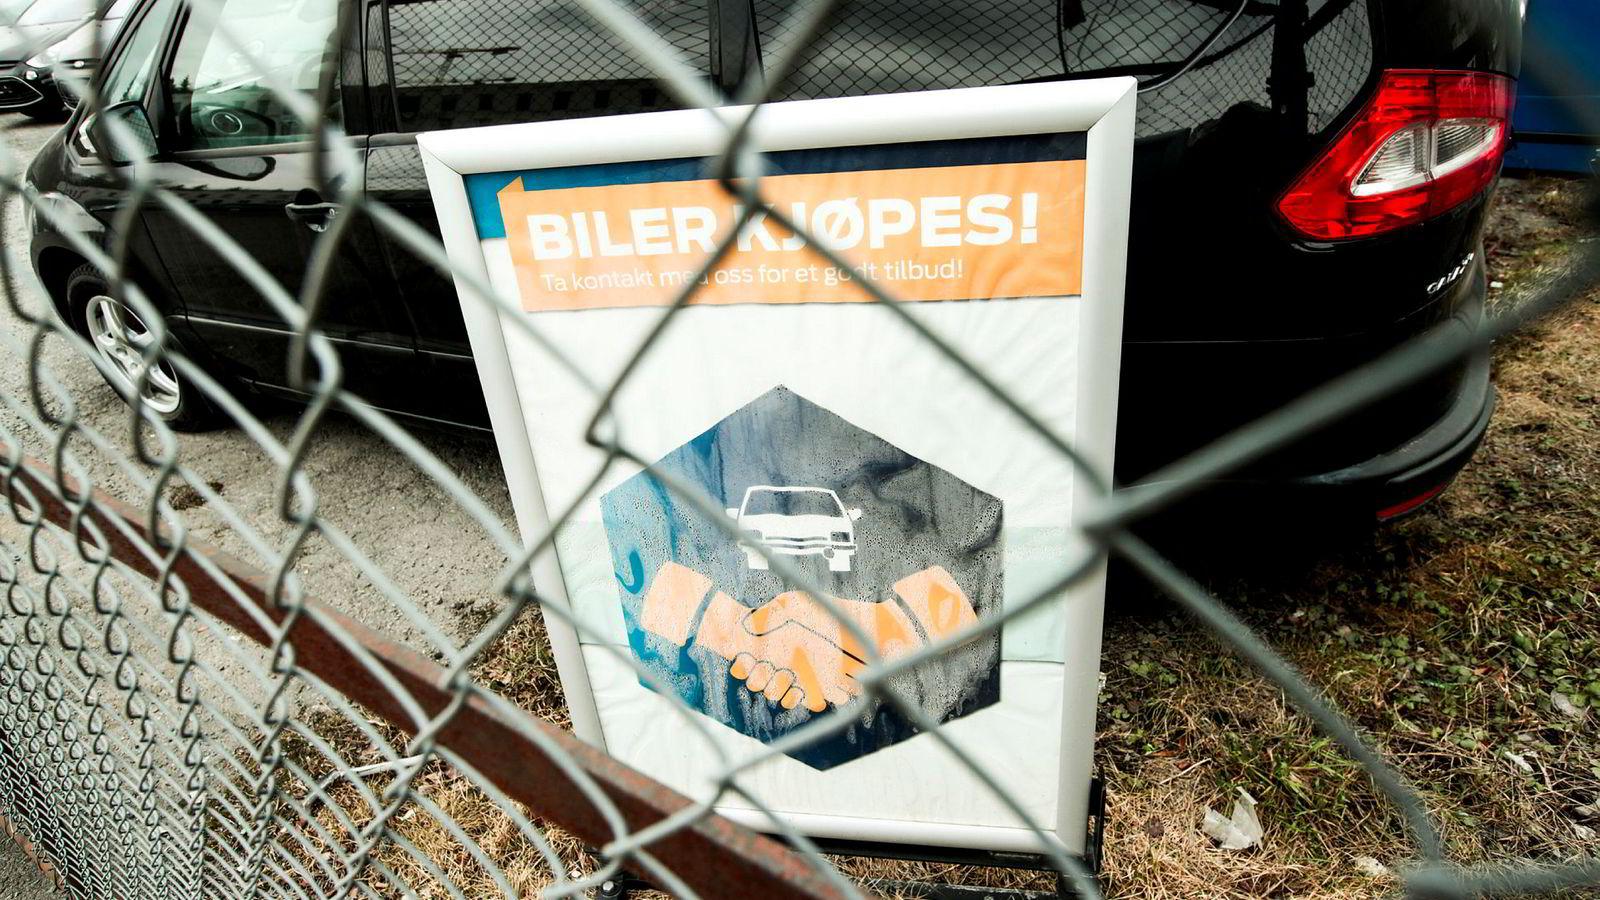 Hvis brukthandelloven forsvinner, vil det åpne for hvitvasking og svindel, ifølge Norges Bilbransjeforbund.